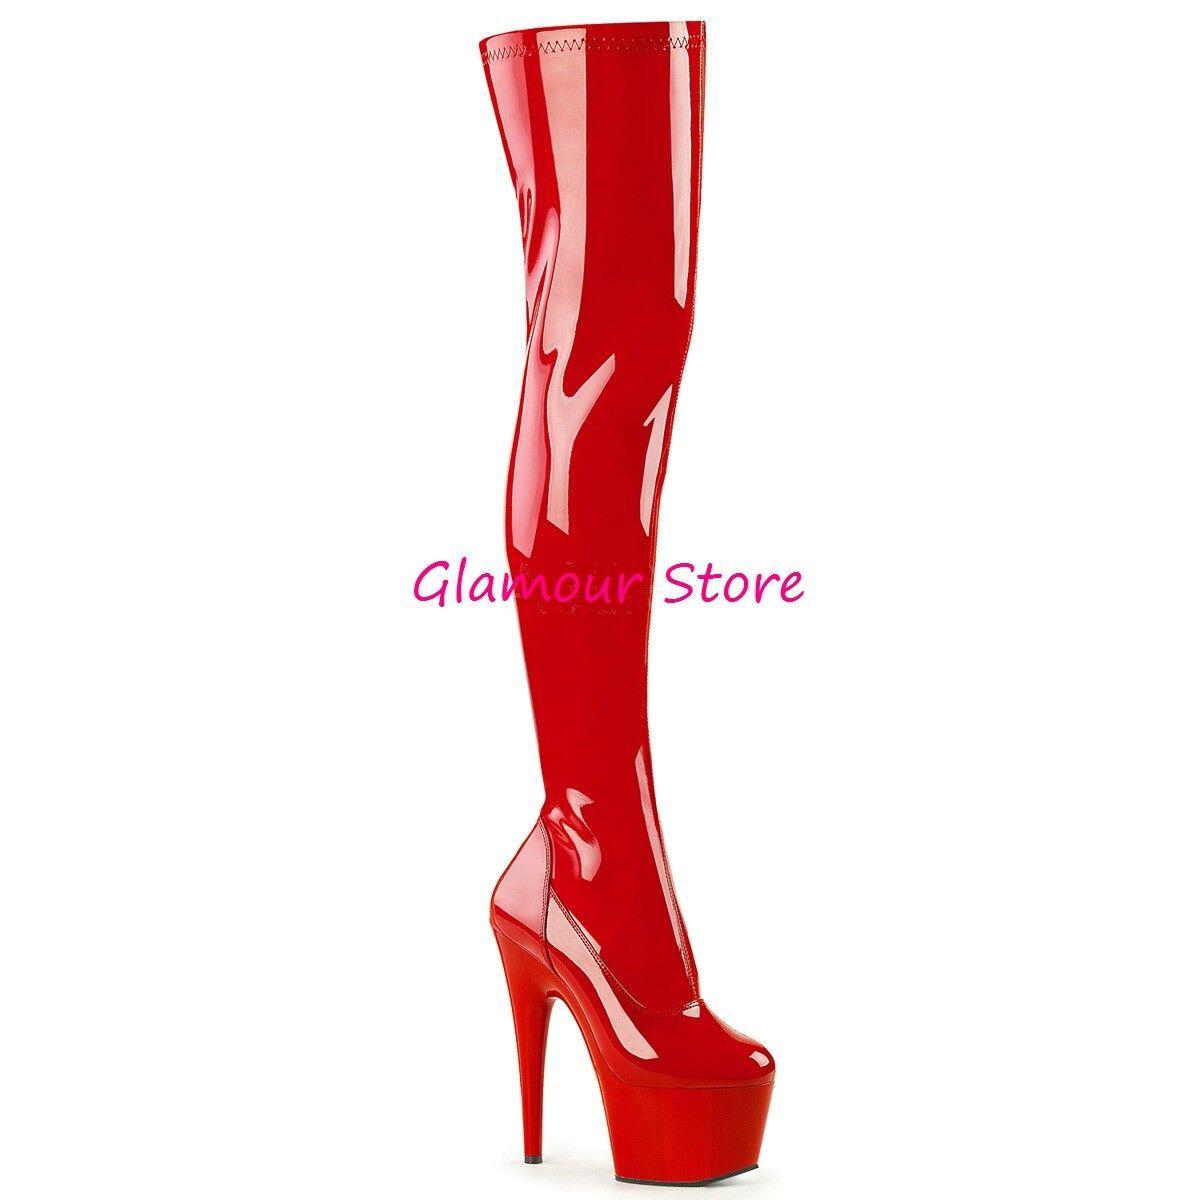 Sexy STIVALI COSCIA tacco 18 dal 35 a 44 ROSSO LUCIDO plateau ZIP scarpe GLAMOUR